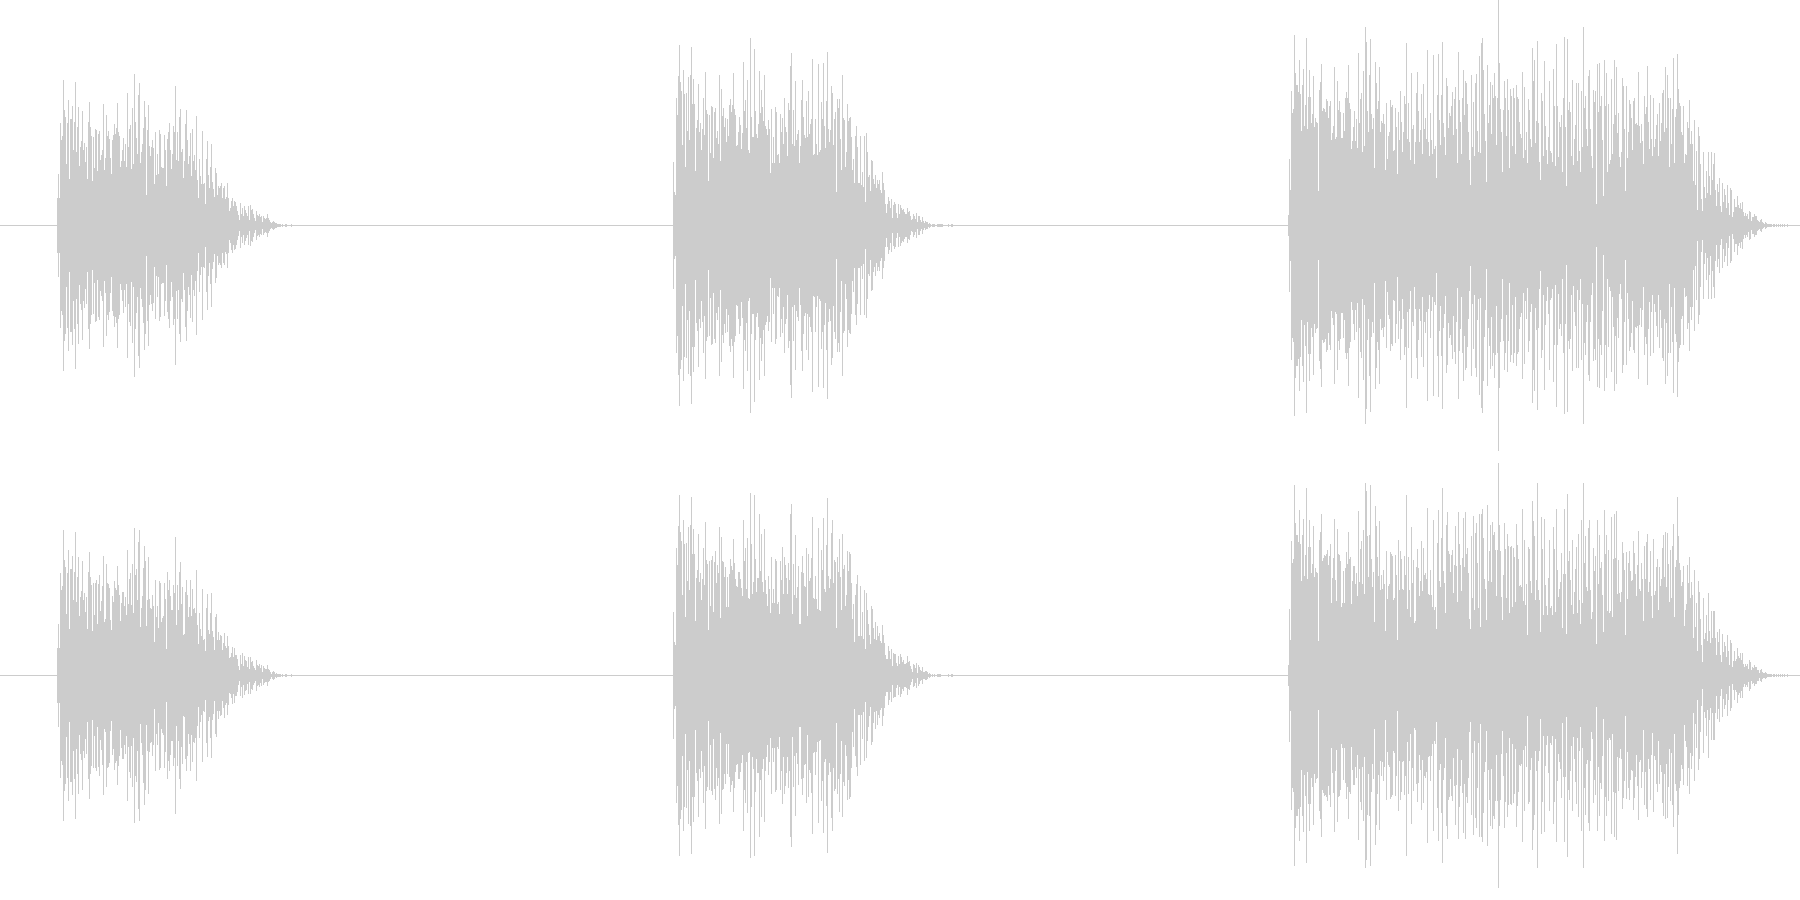 ガッガッガーッ (星人の声)の未再生の波形